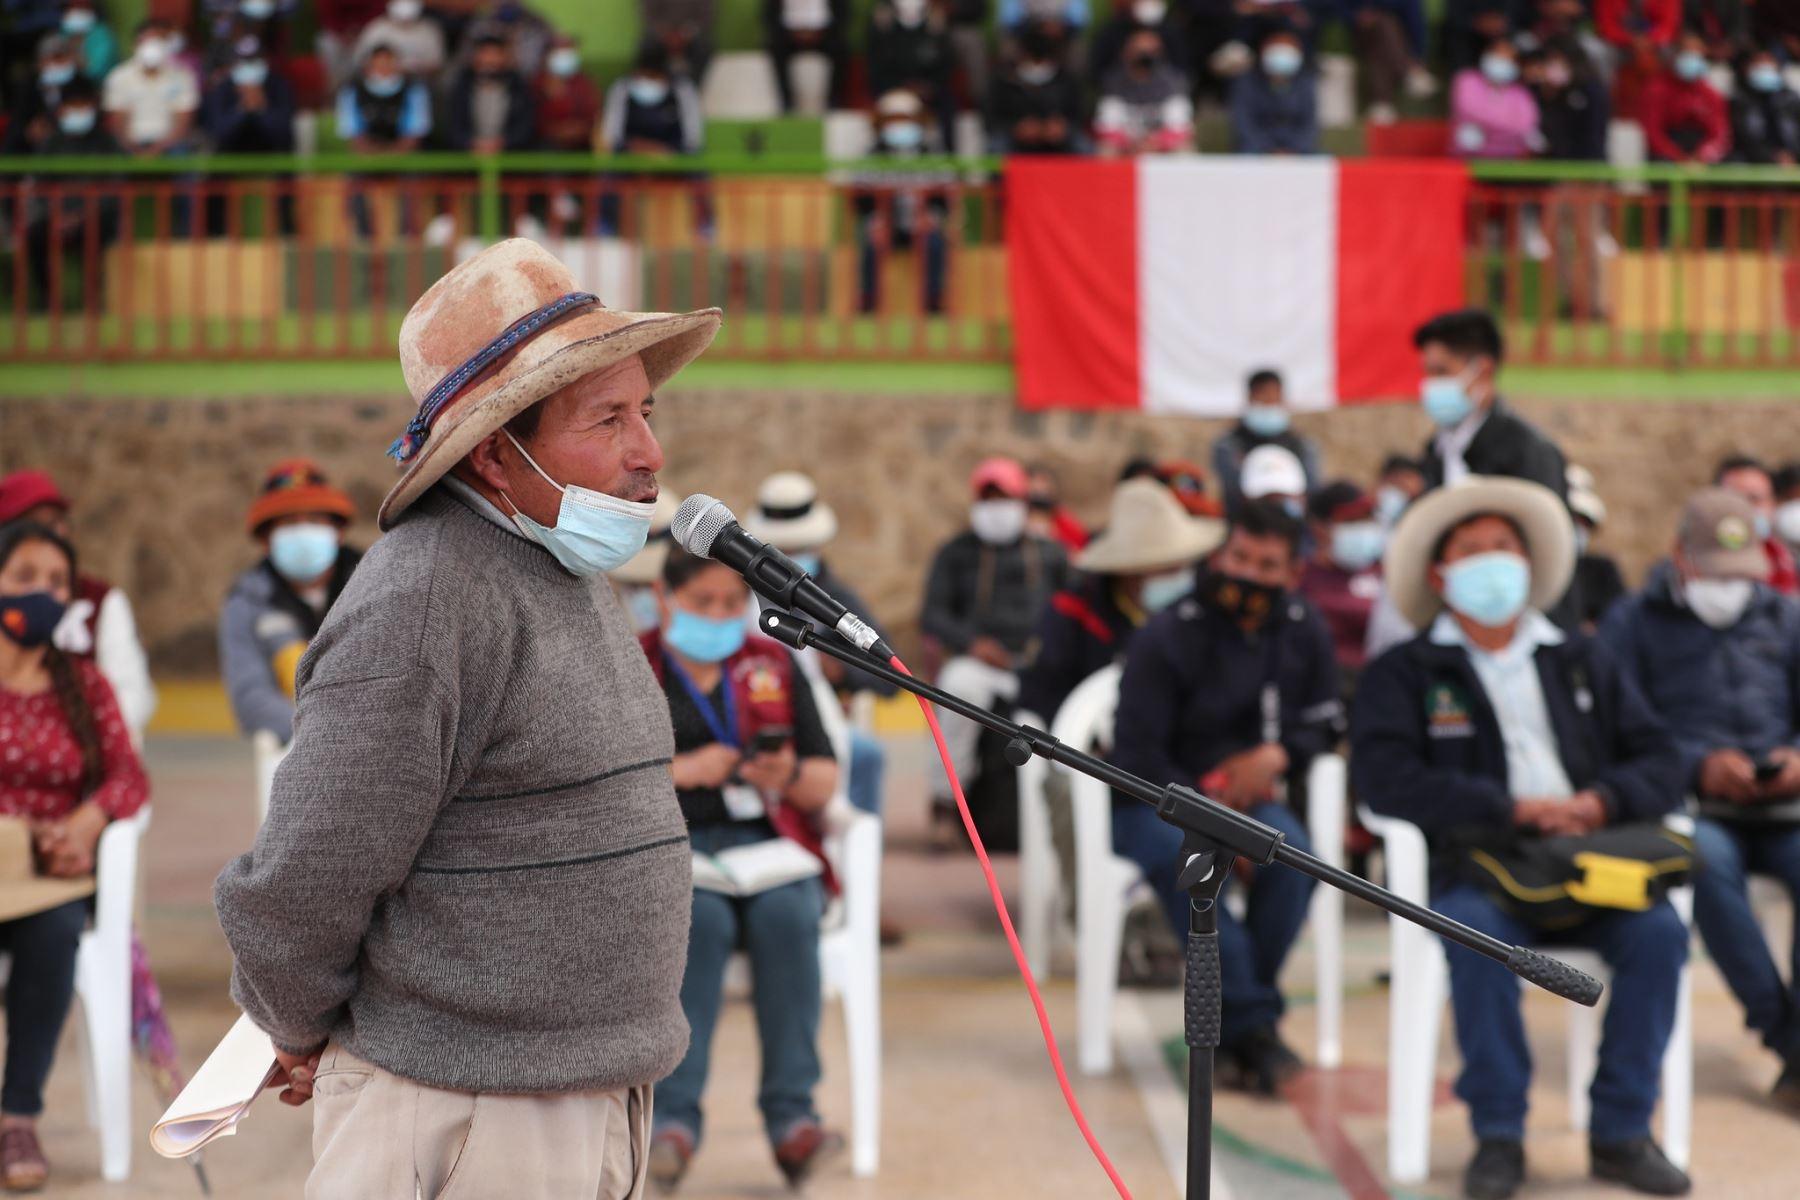 El presidente del Consejo de Ministros, Guido Bellido, encabeza la reunión con autoridades y dirigentes en el distrito de Tambobamba, provincia de Cotabambas, departamento de Apurímac, donde se dialoga sobre el conflicto entre la comunidad y la empresa minera Las Bambas. Foto: PCM